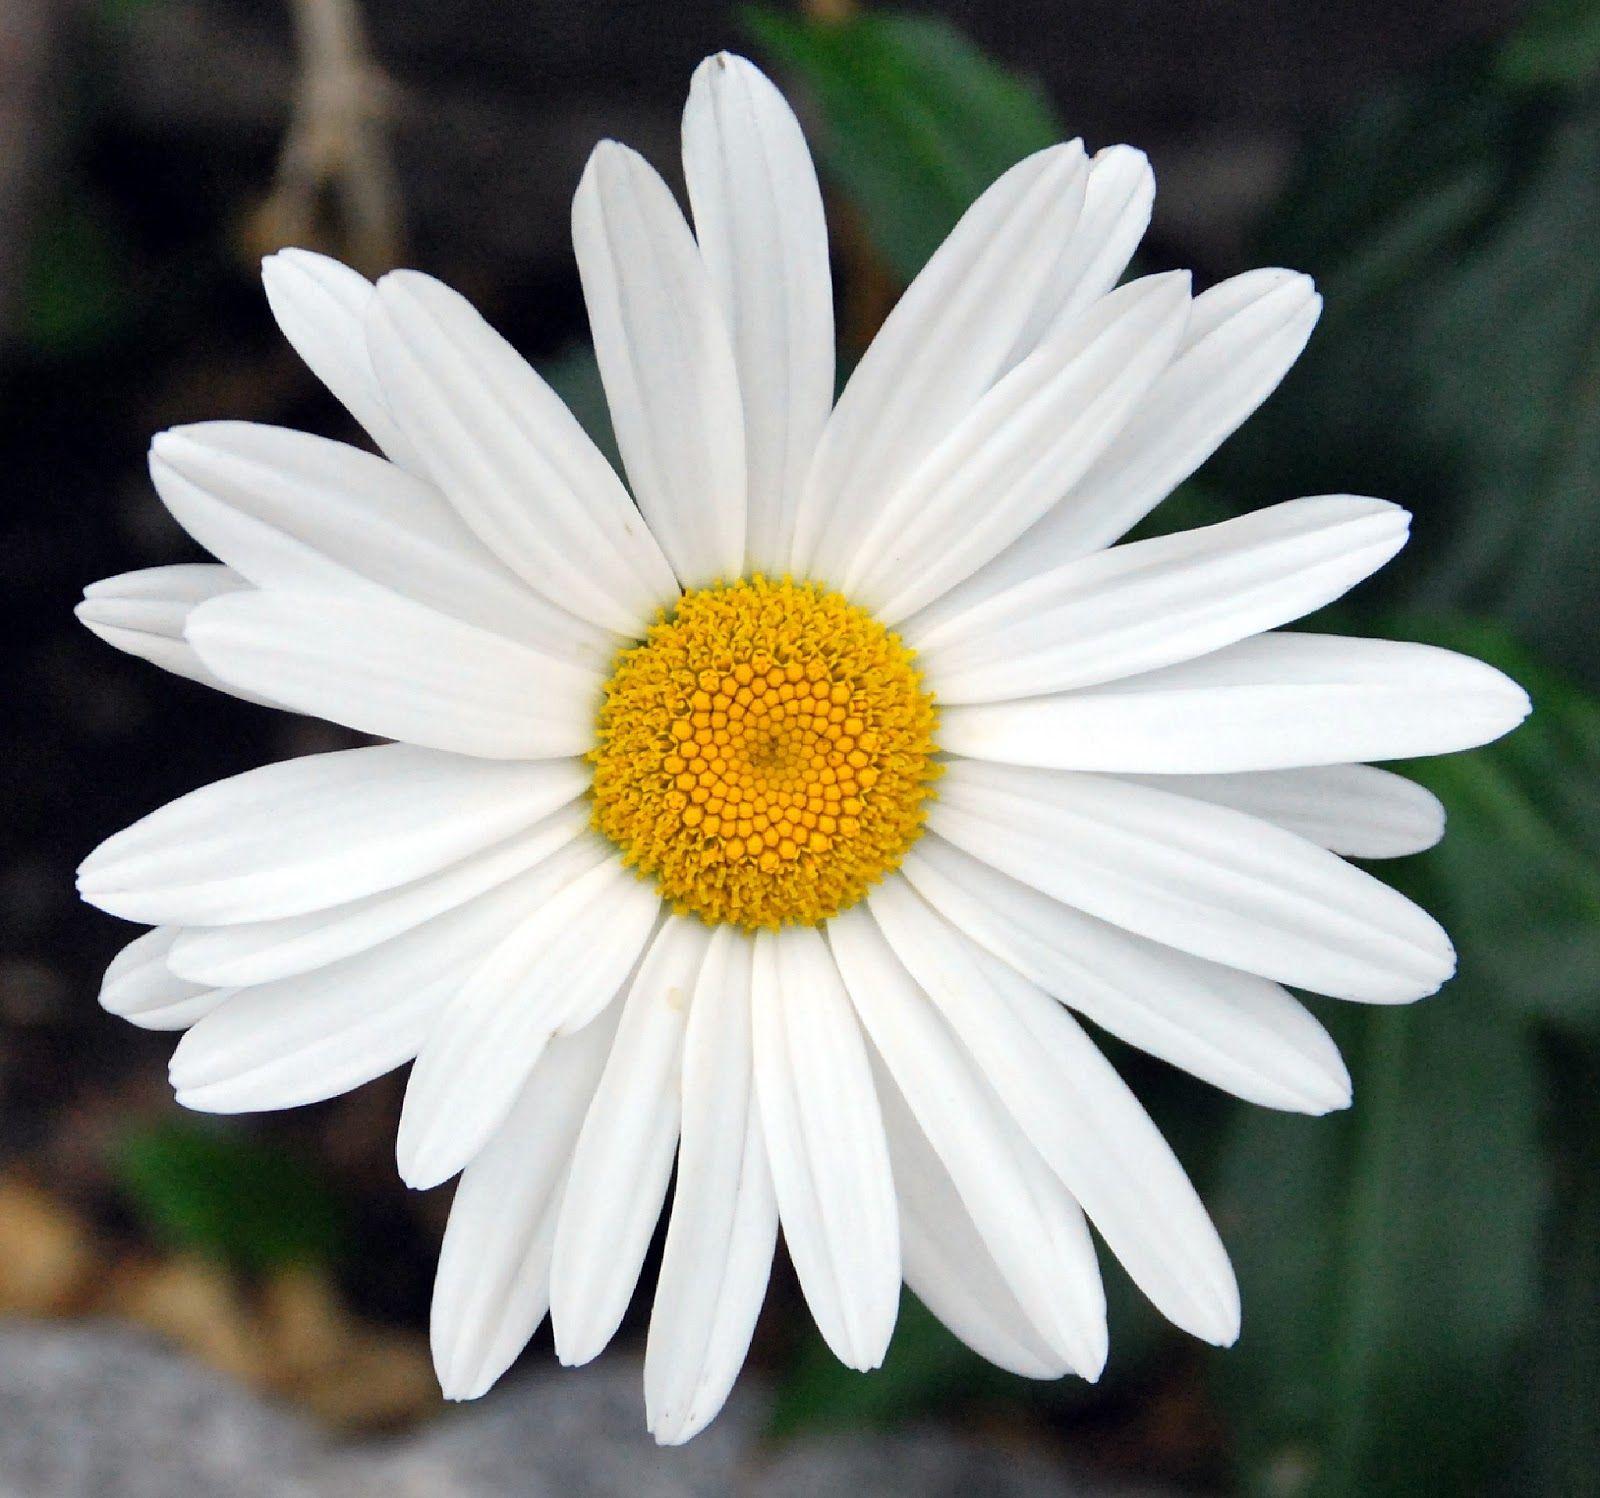 Fotos De Flores 2: MARGARITAS DE VARIOS COLORES | Flowers ...